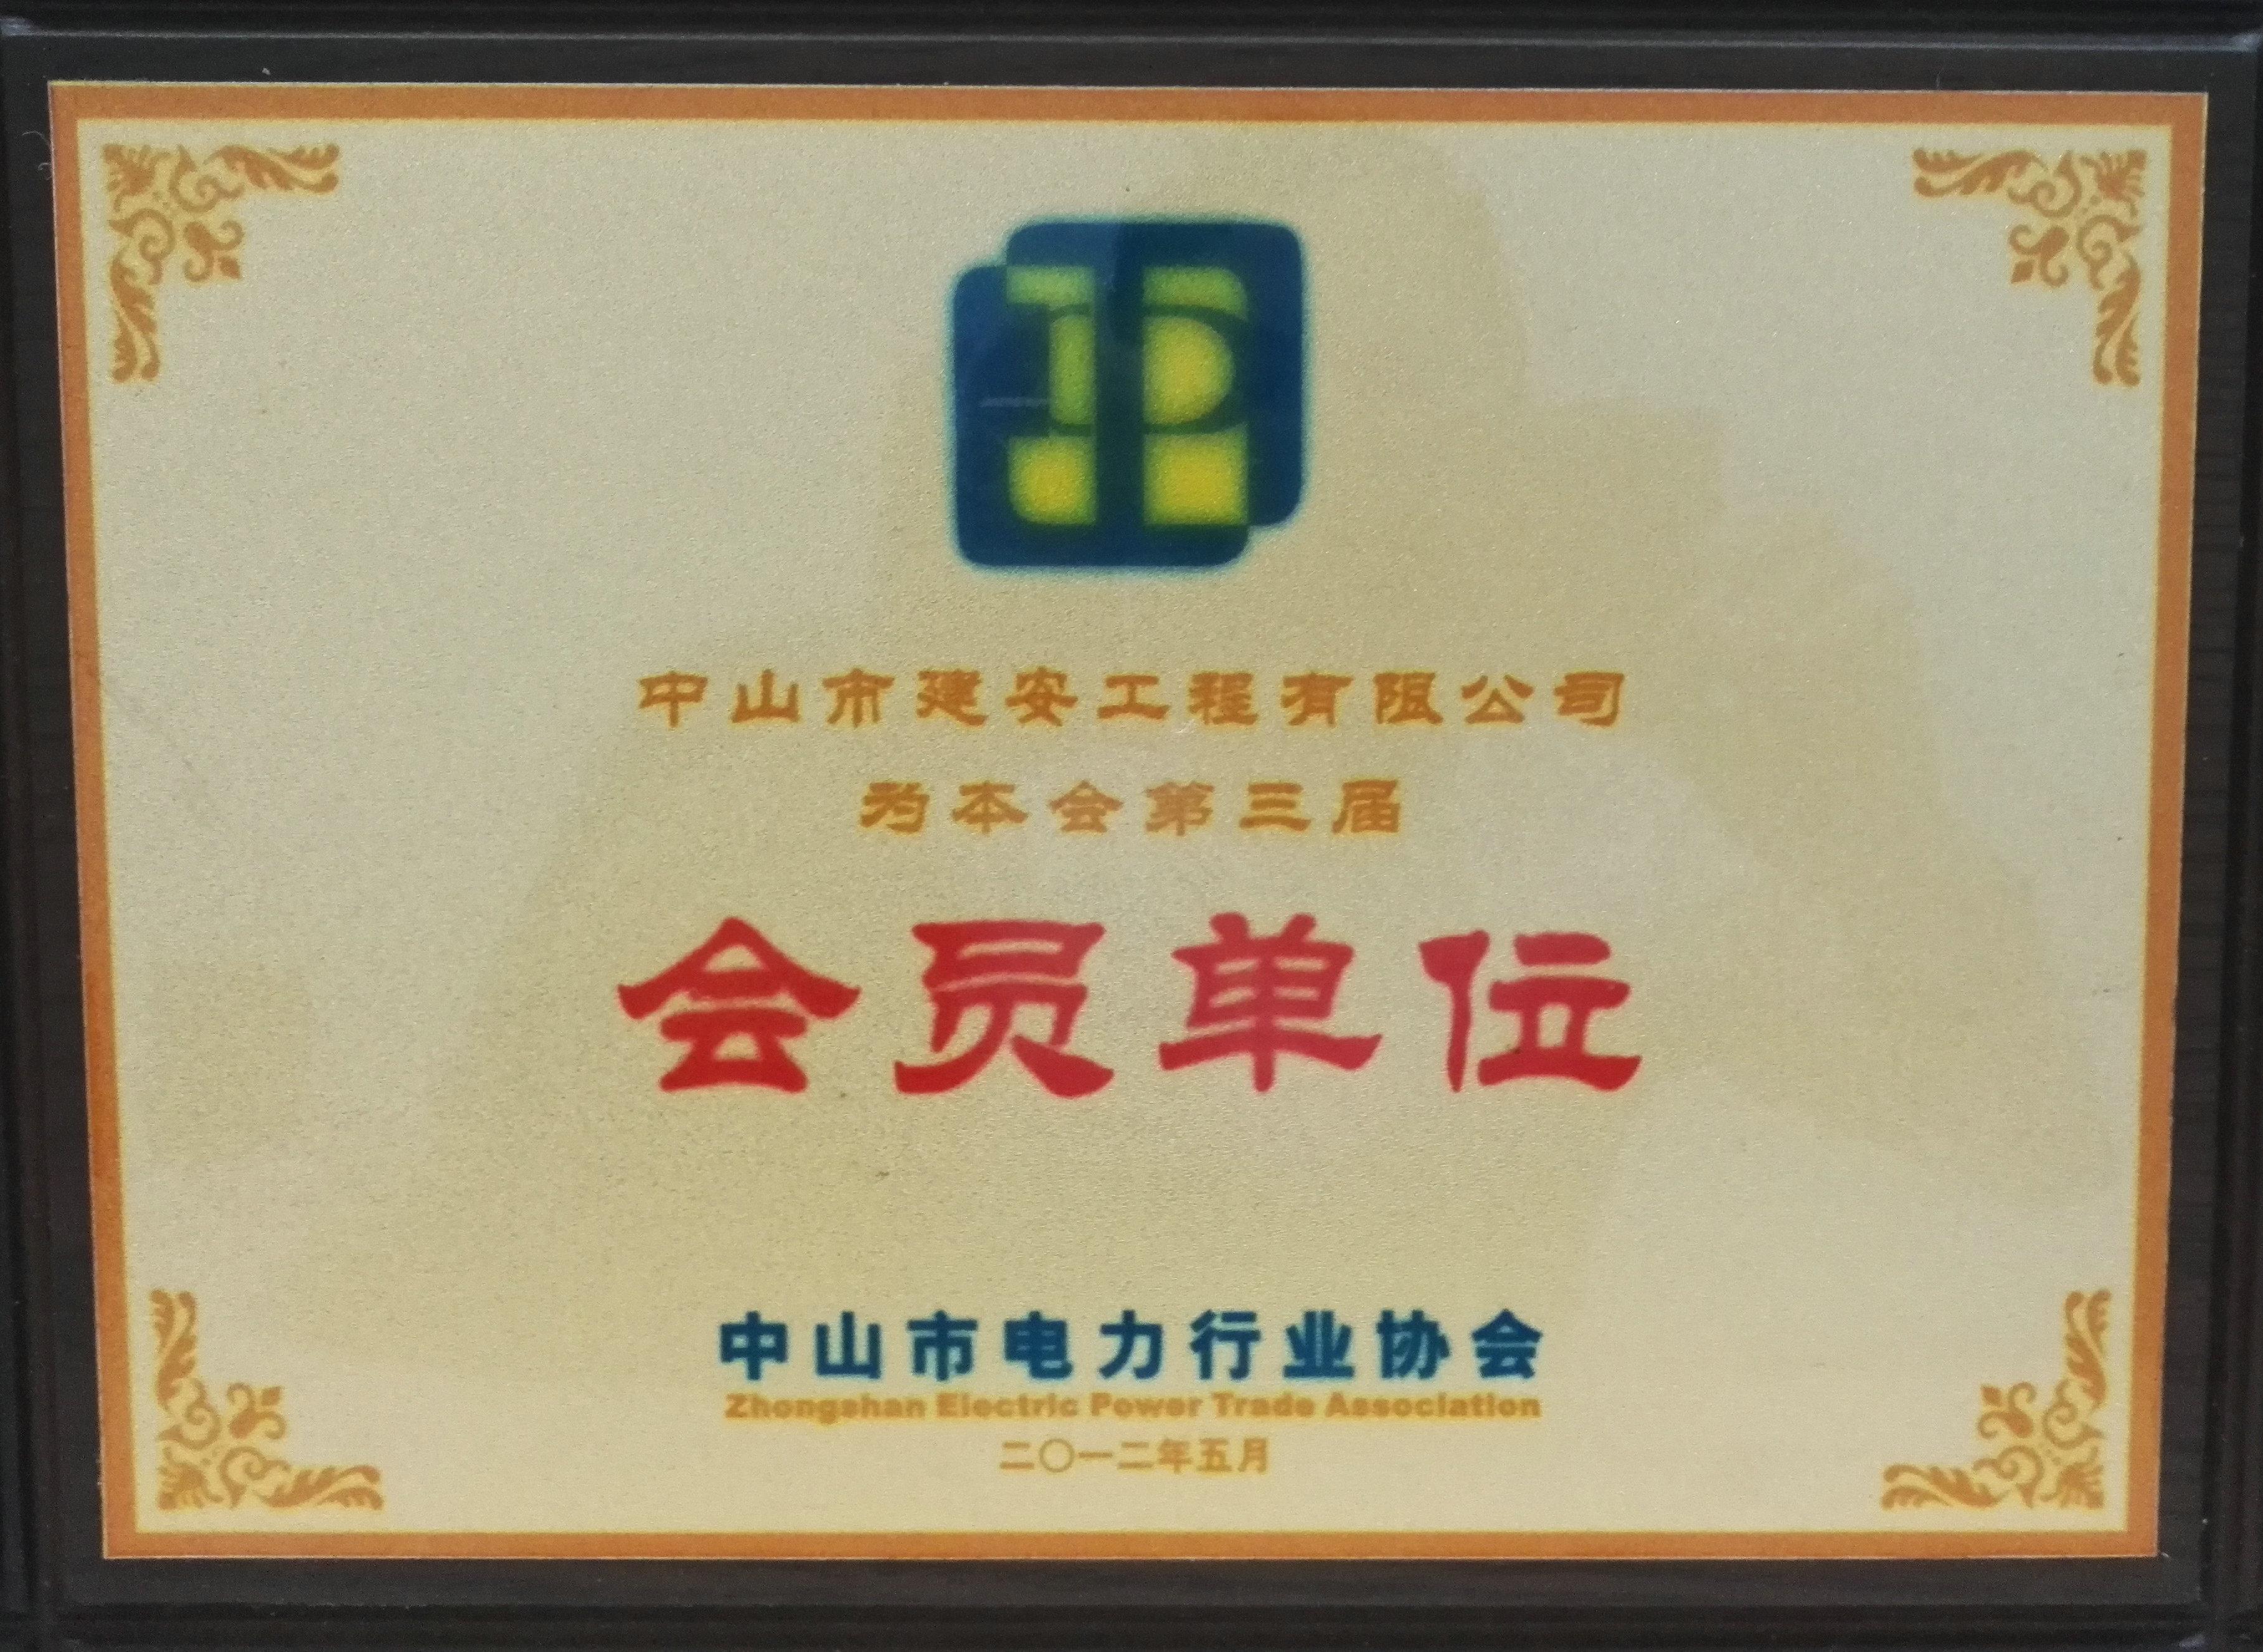 第三屆電力協會會員證